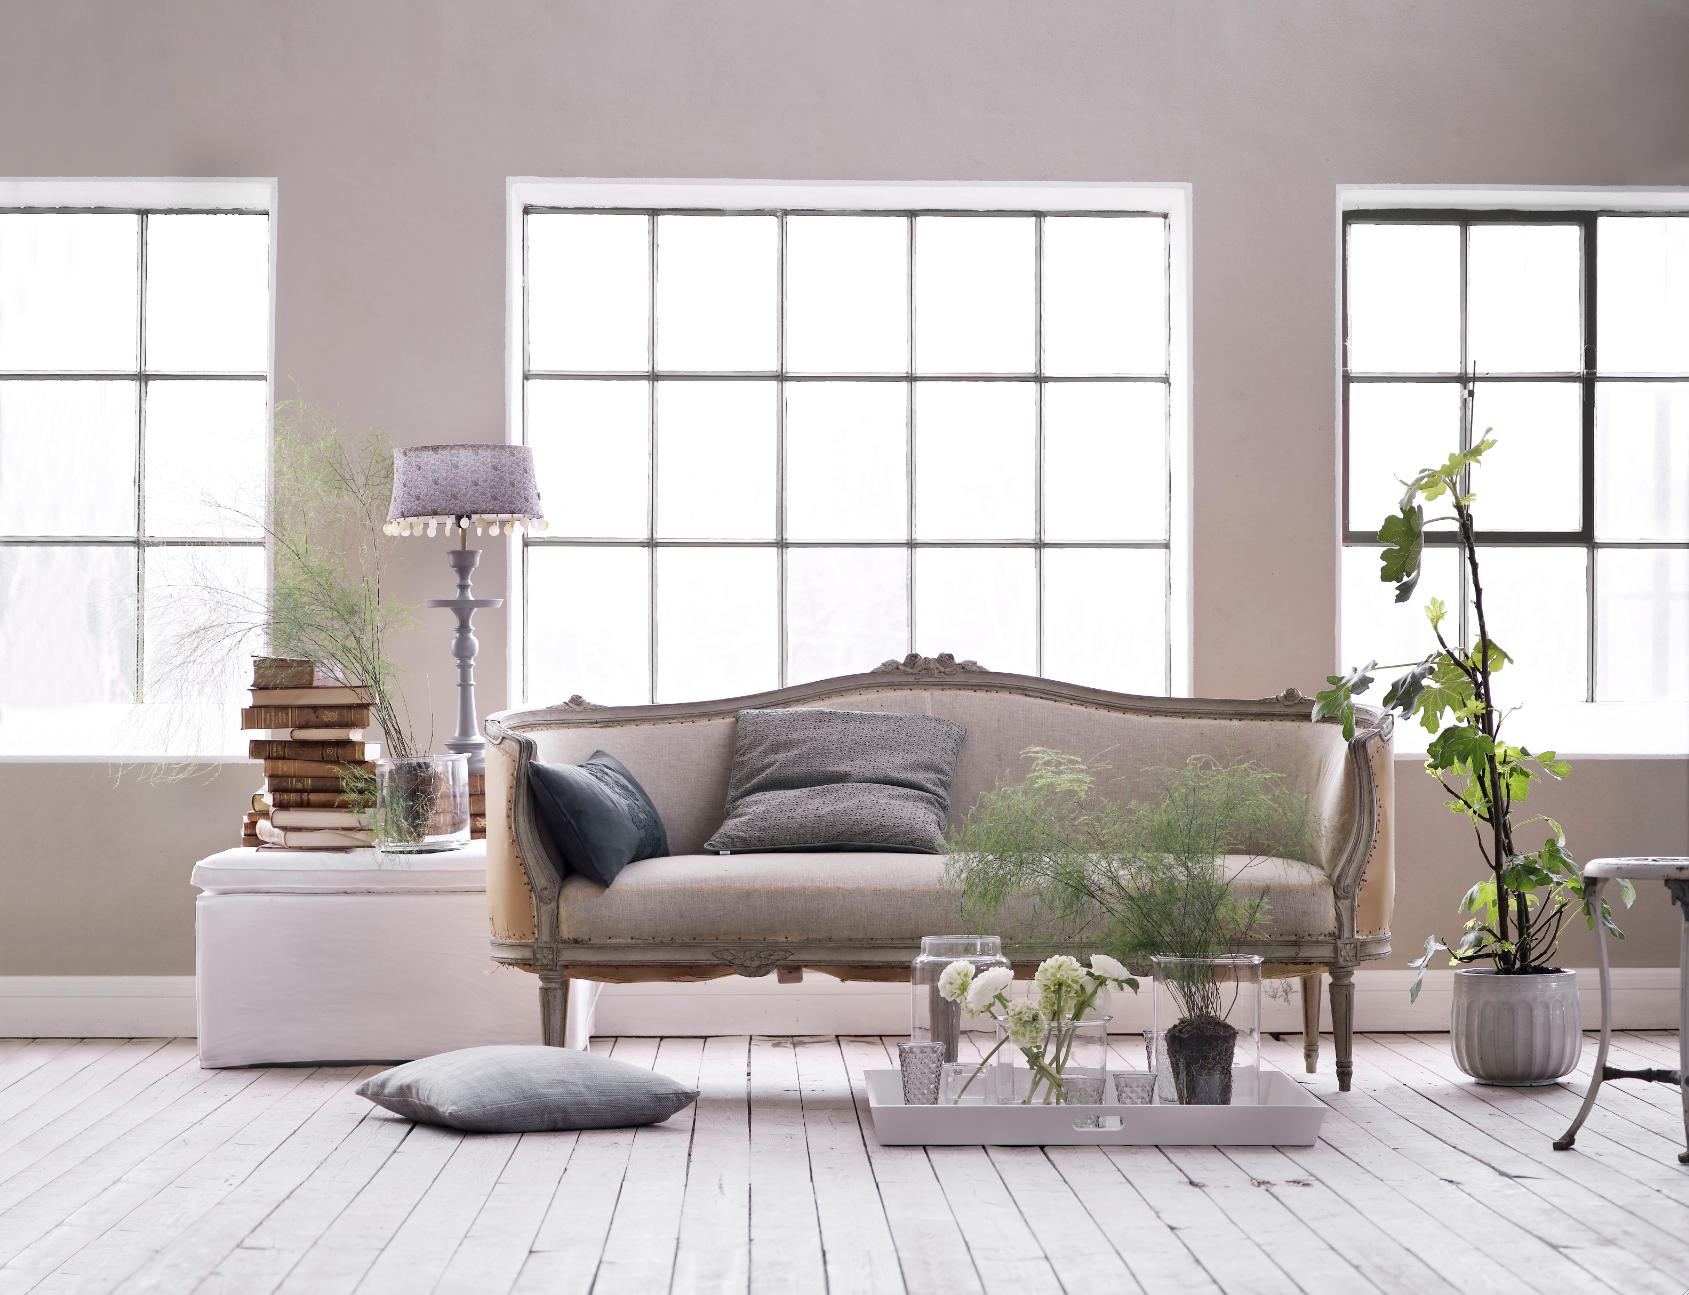 tine k home spring summer 2012 a thoughtful eye. Black Bedroom Furniture Sets. Home Design Ideas